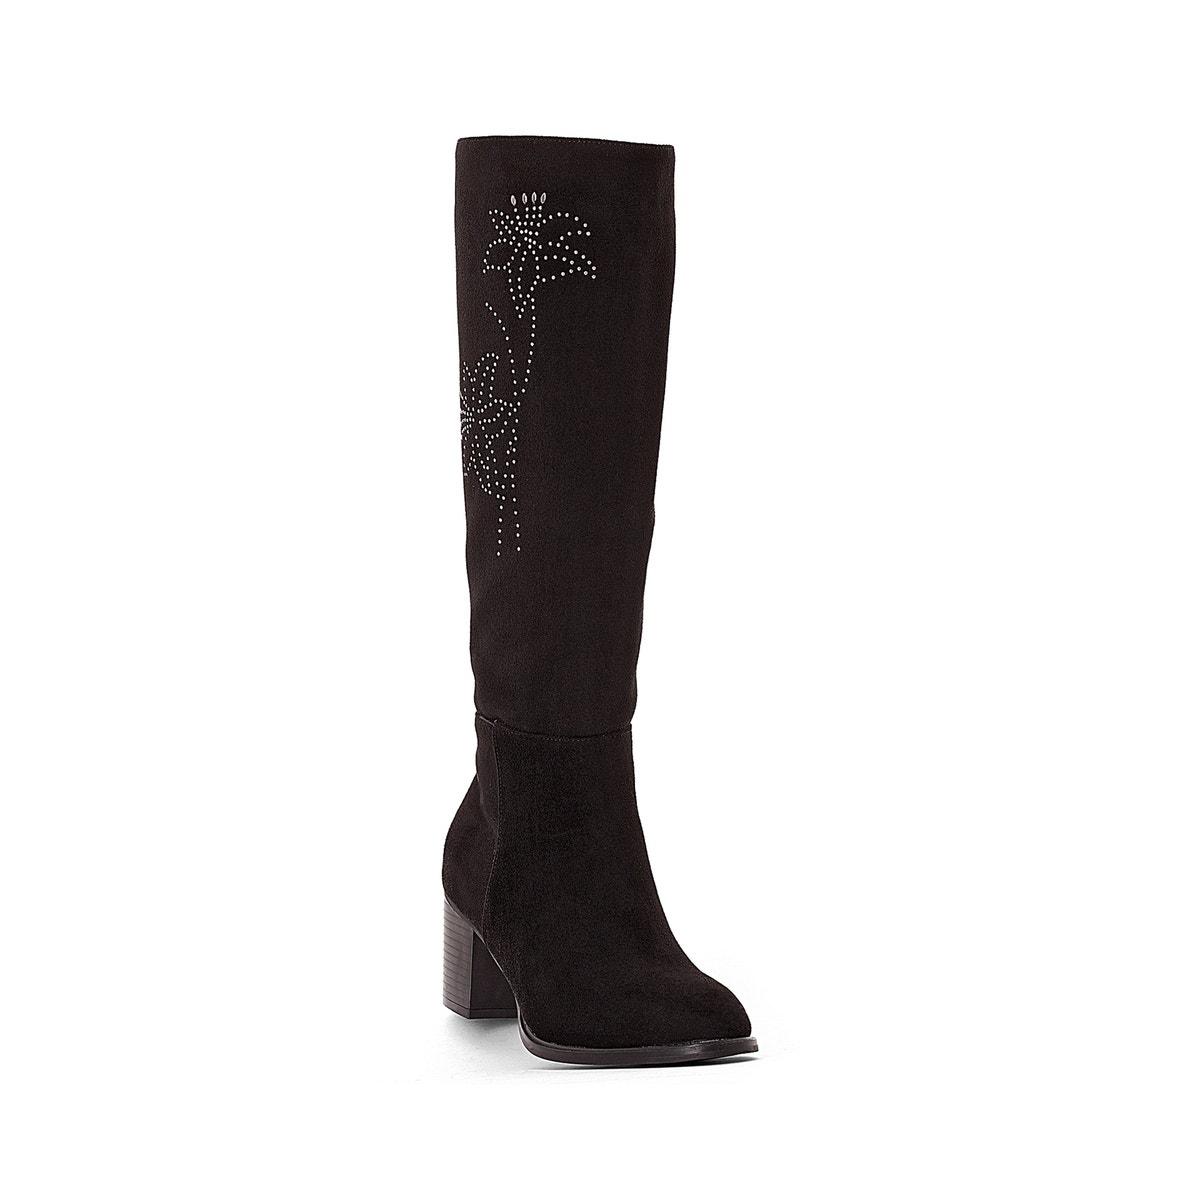 La Motif ROToute Damenschuhe Stiefel With Floral Motif La 442155